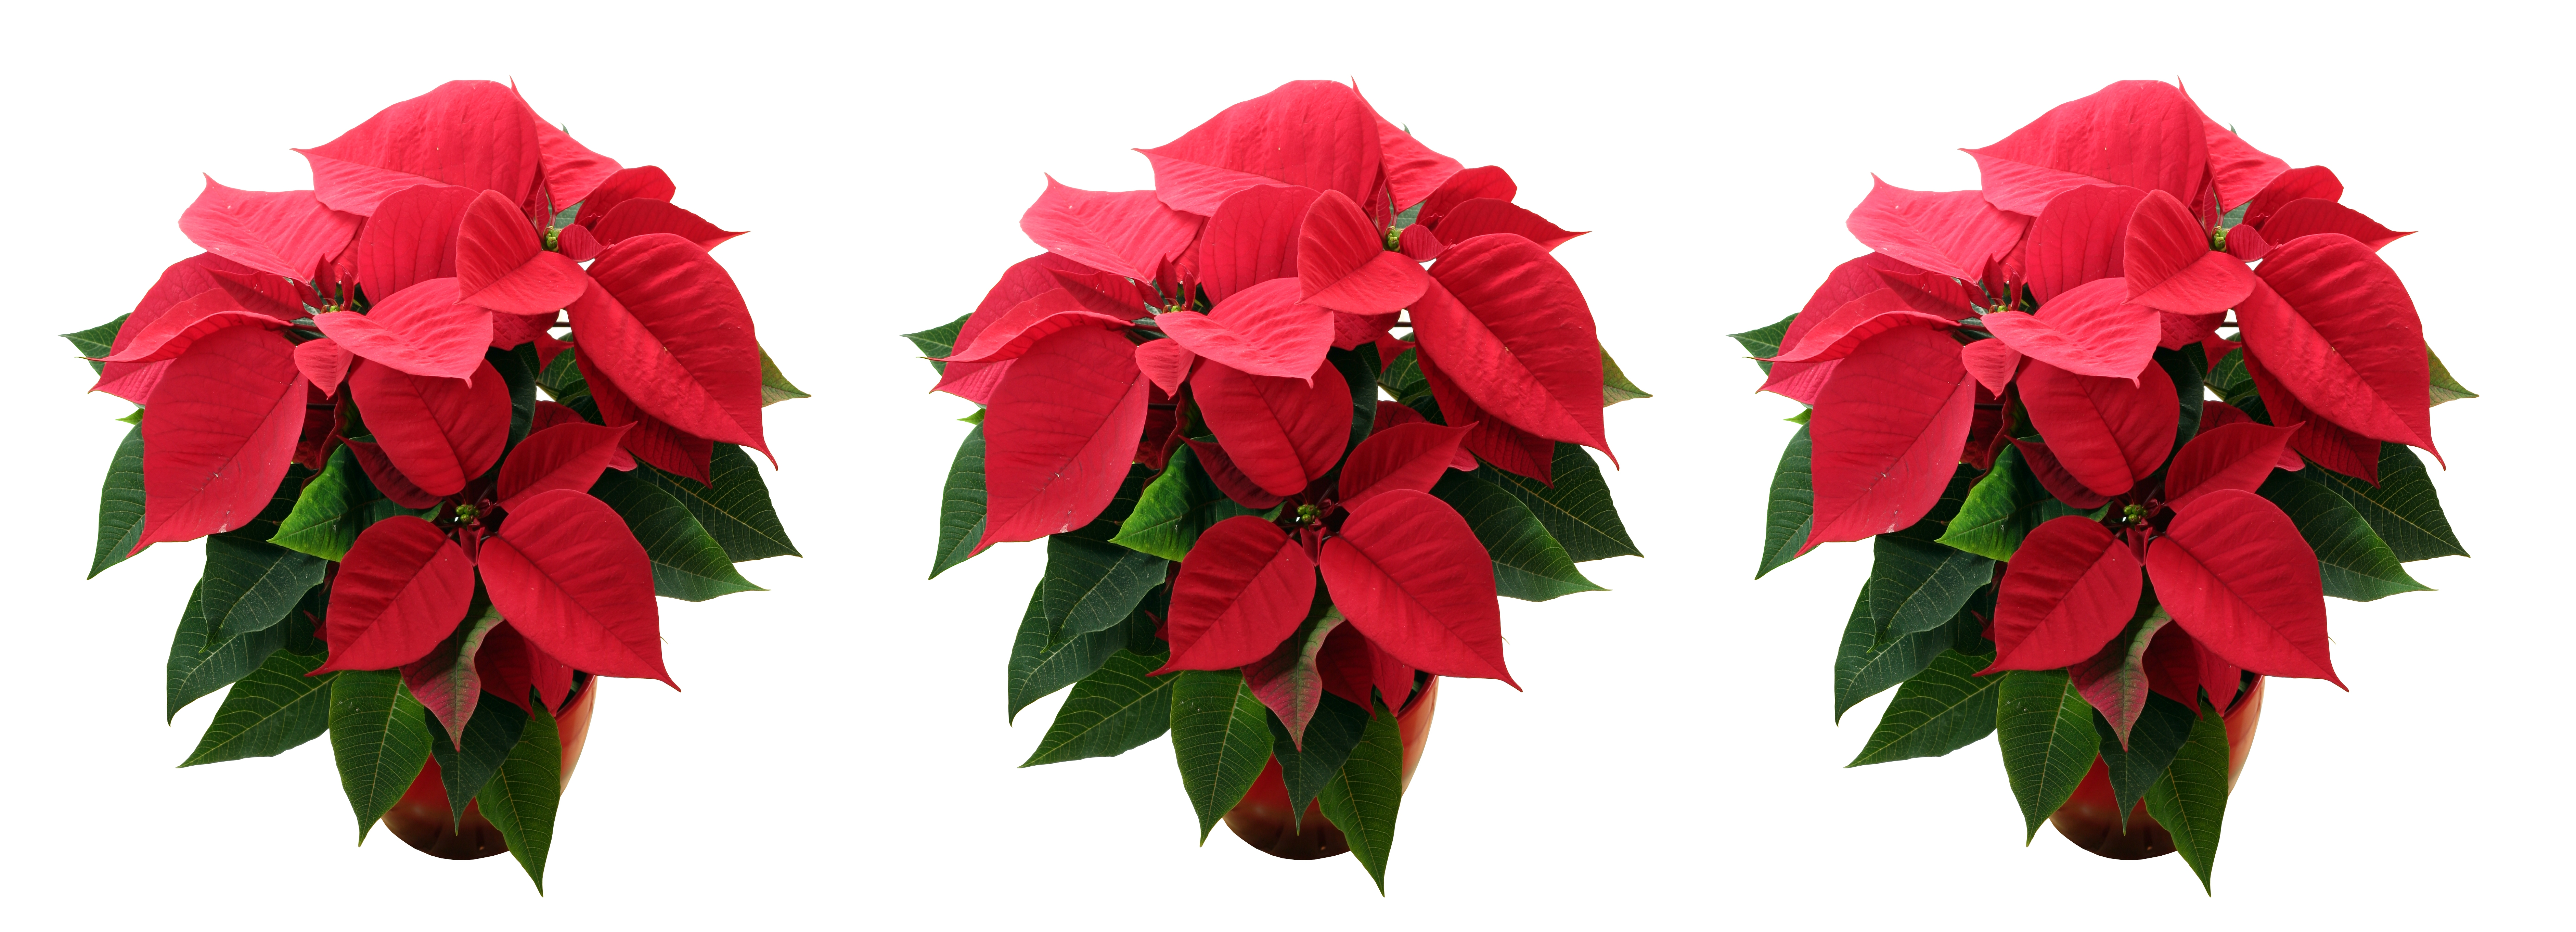 Cuidados de la flor de pascua el blog de los mejores consejos y trucos - Cuidados planta navidad ...